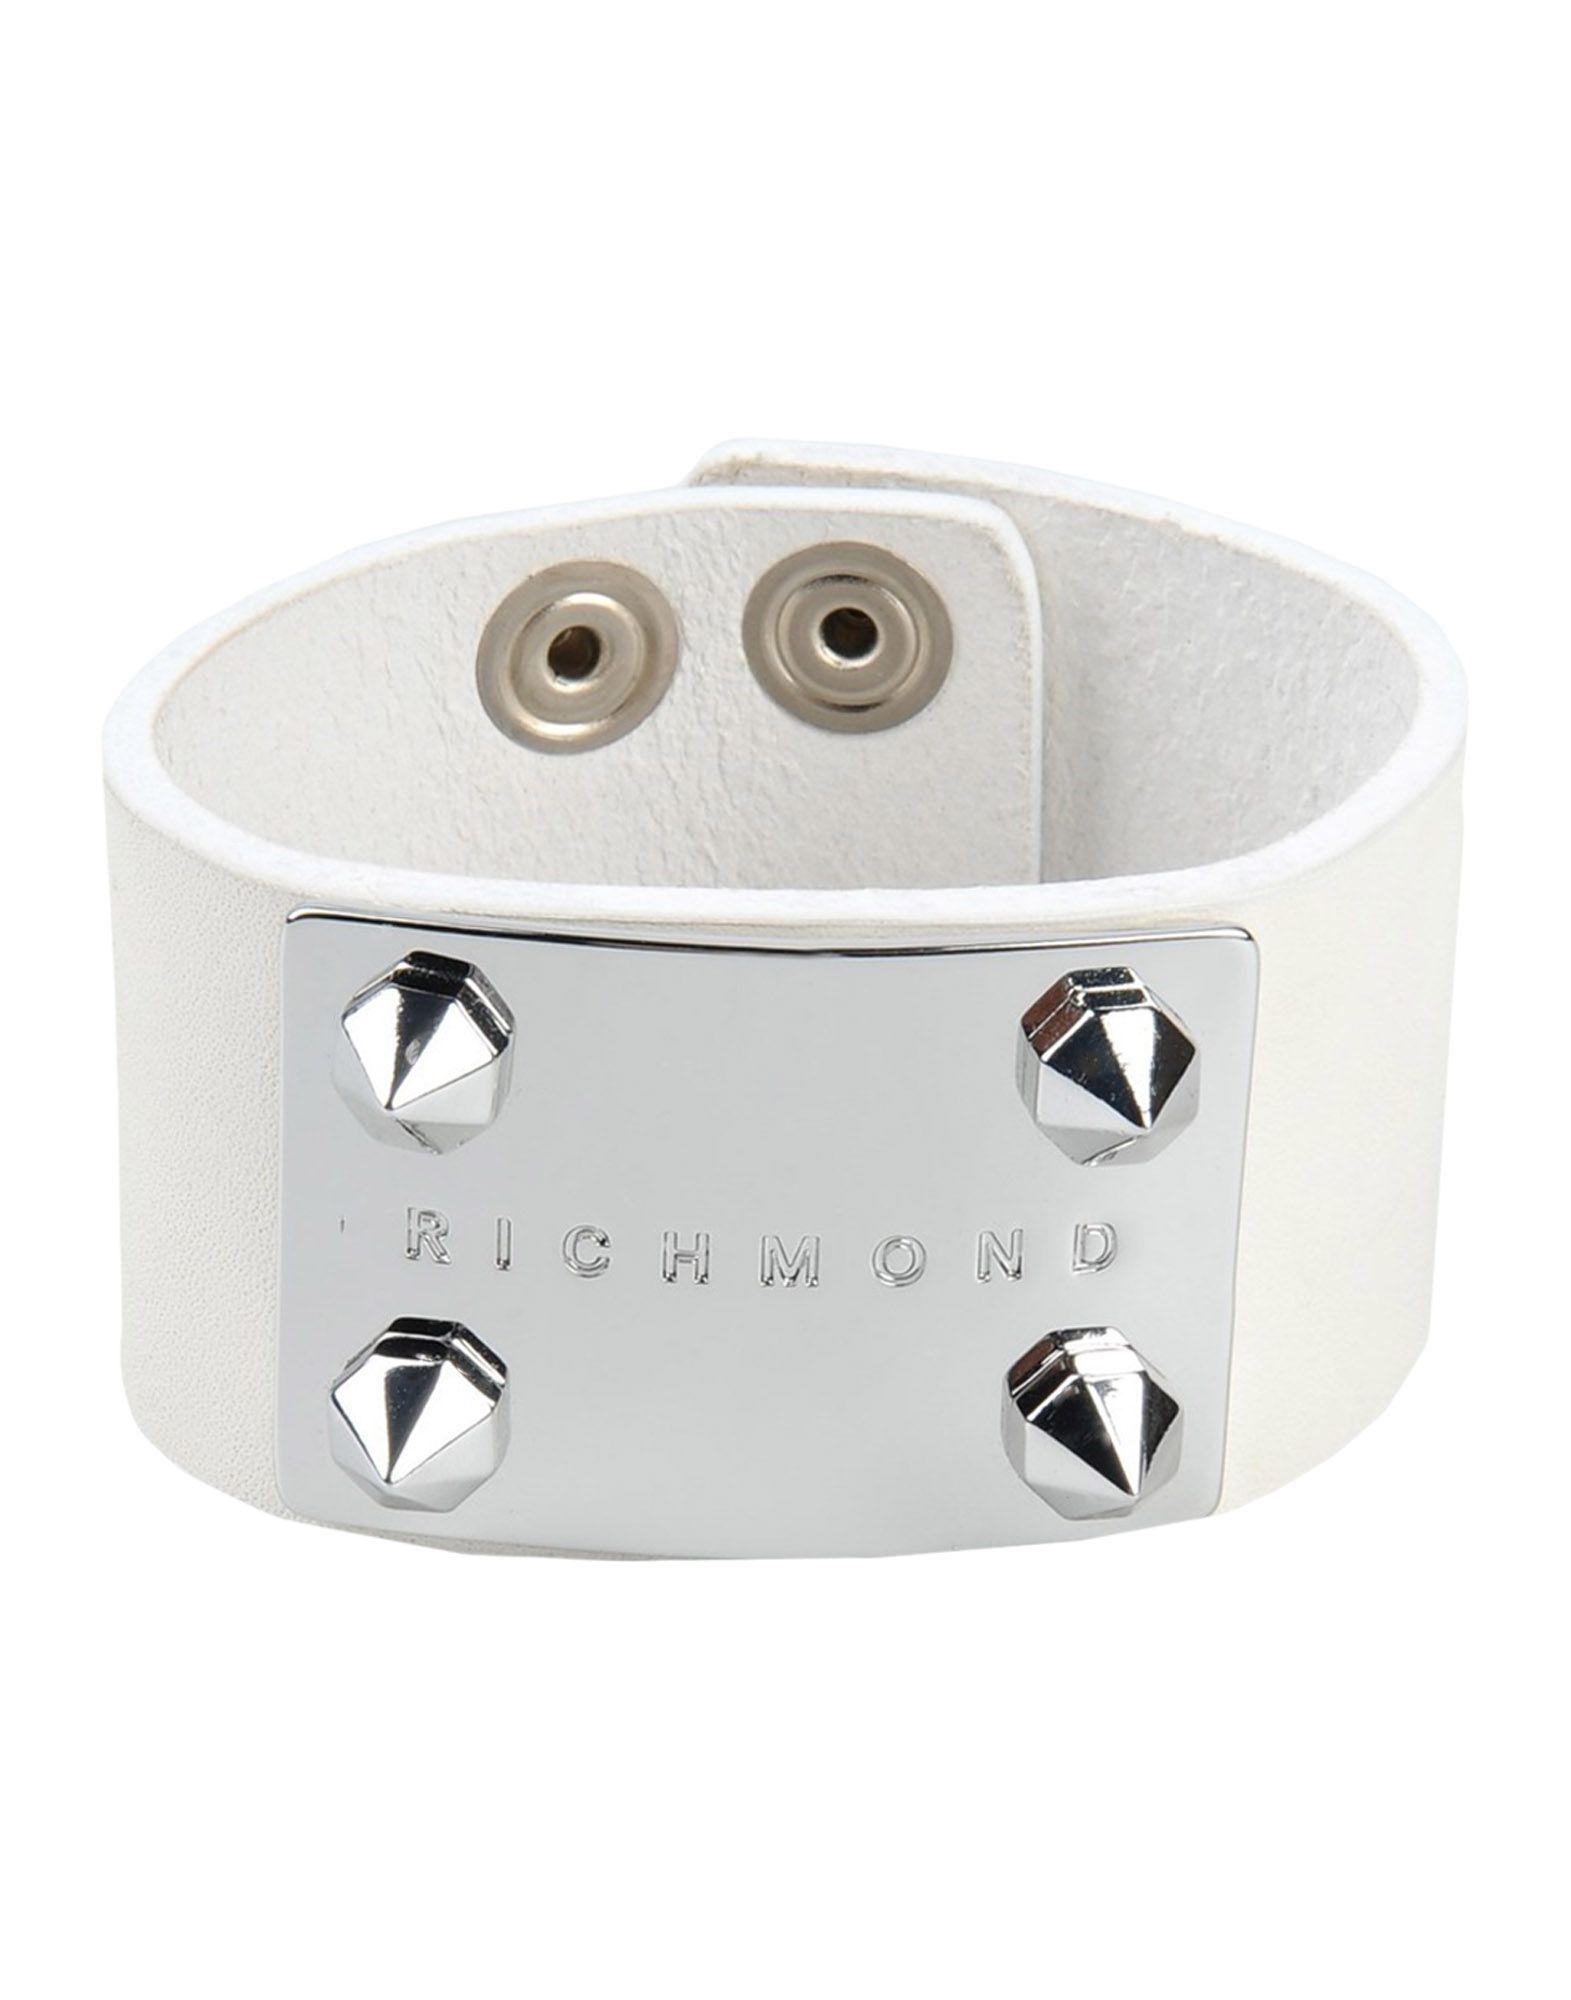 RICHMOND メンズ ブレスレット ホワイト 革